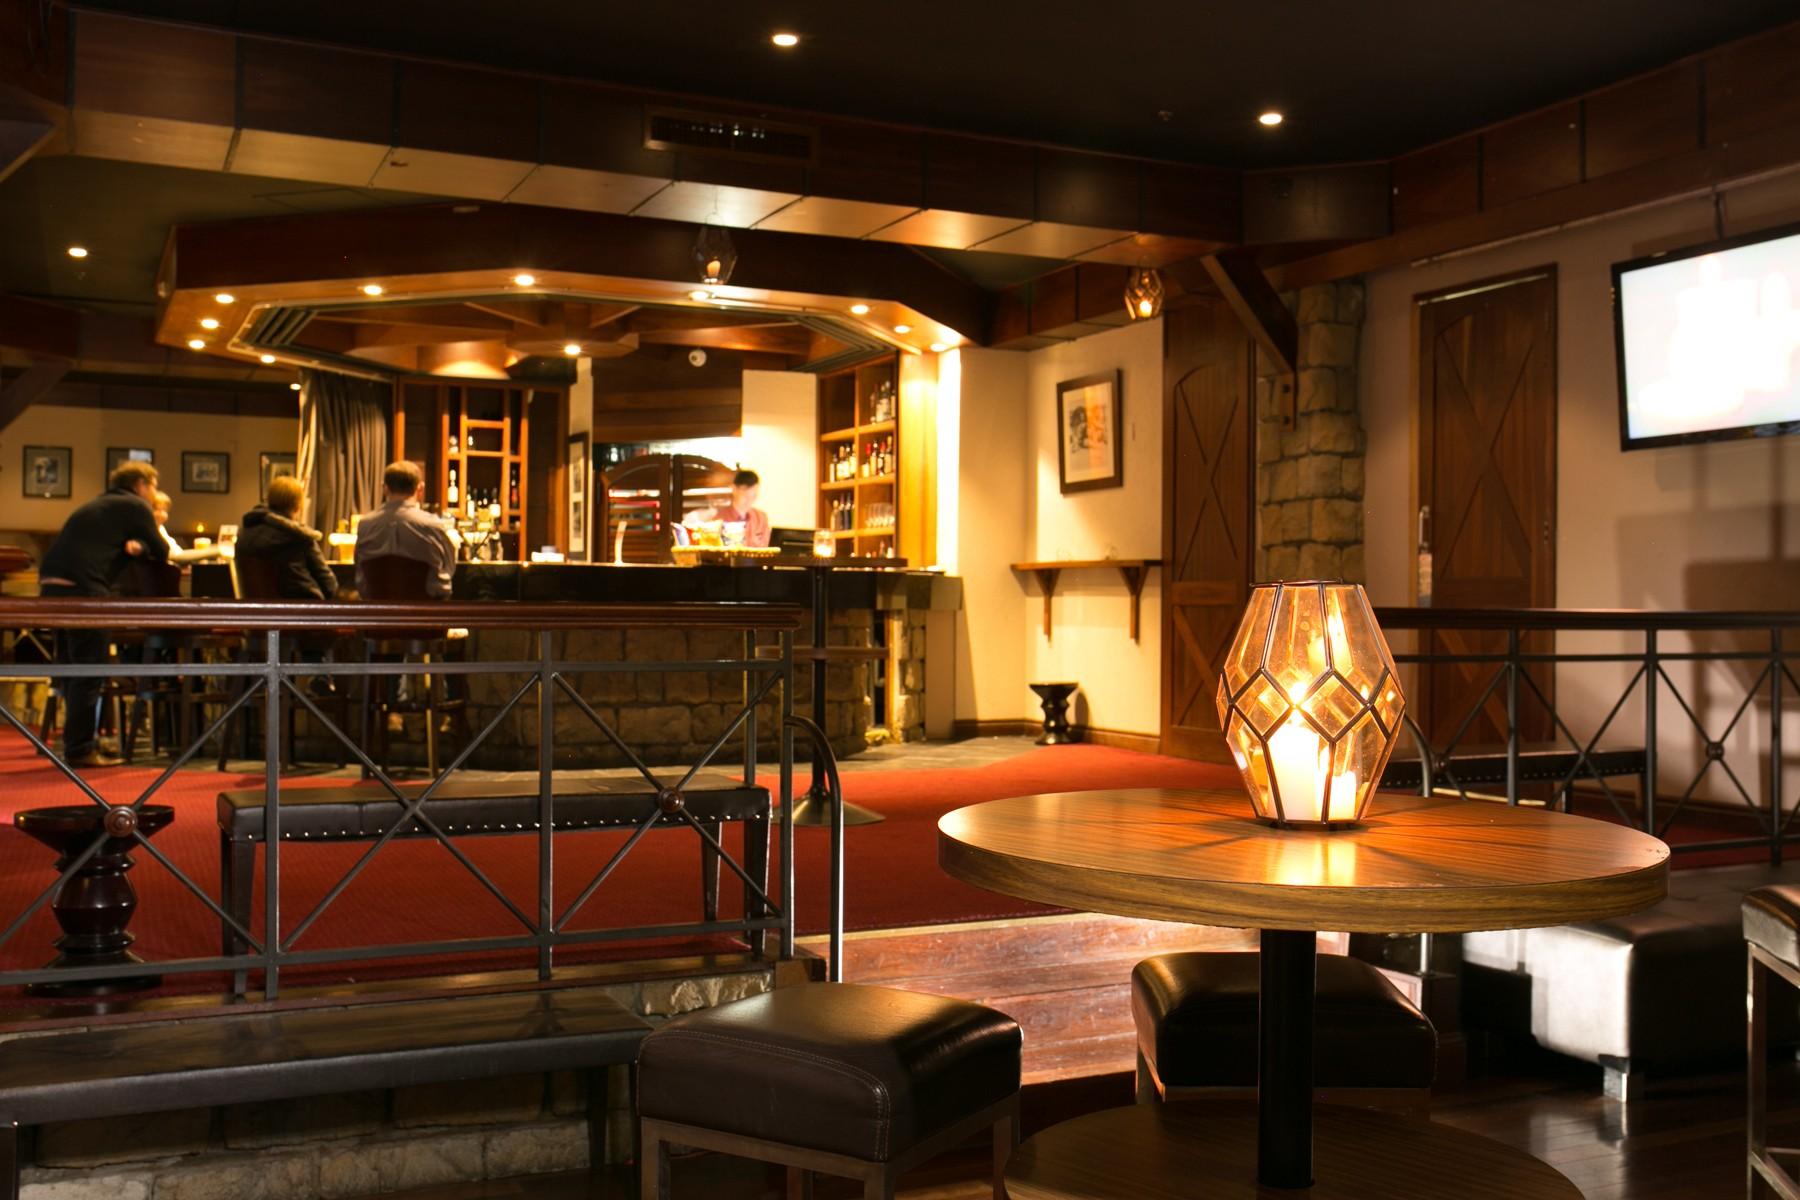 The-Tavern-Bar-2.jpg